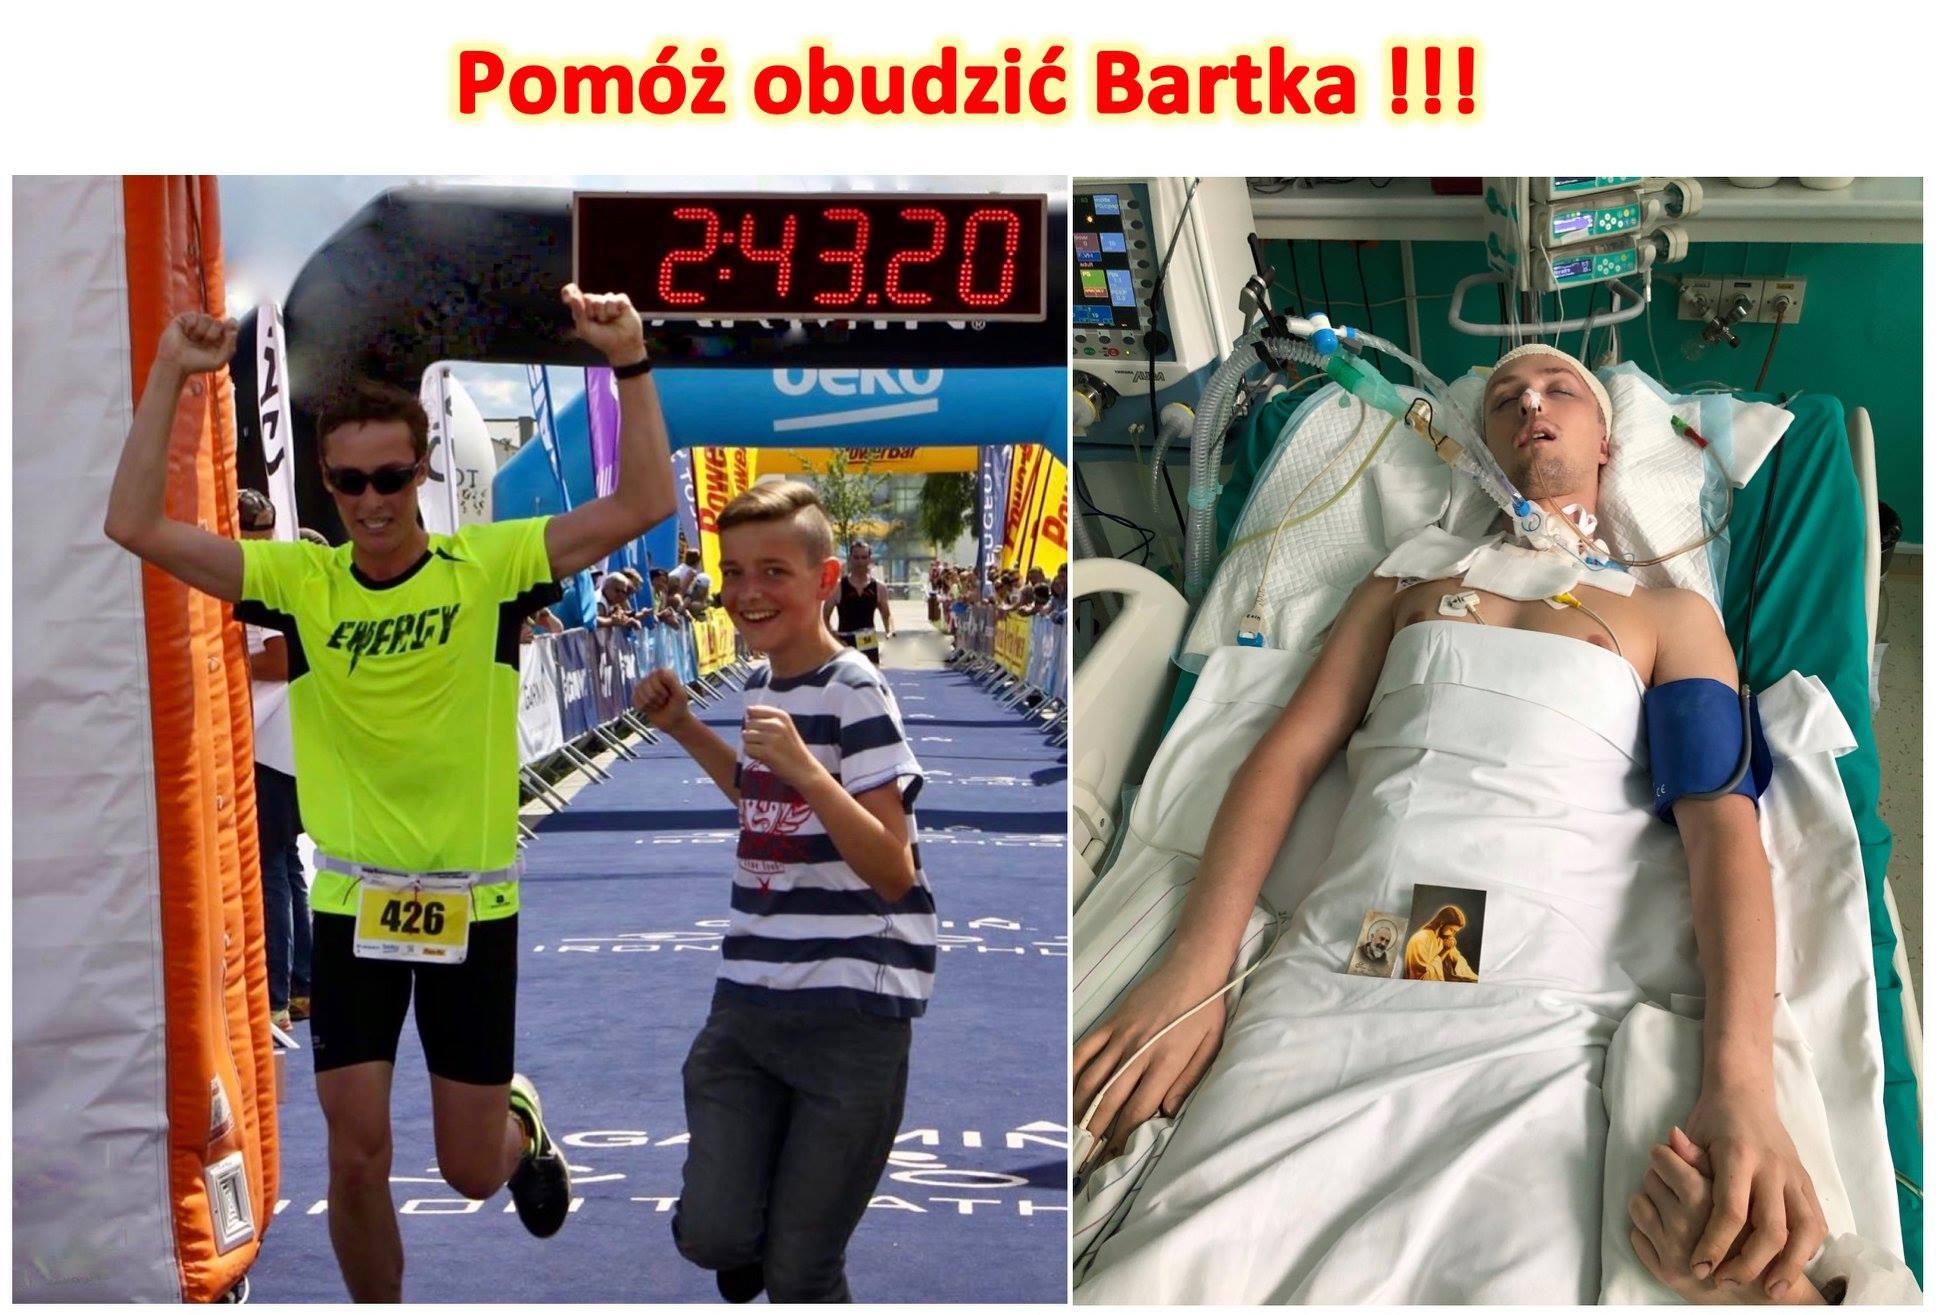 POMÓŻMY OBUDZIĆ BARTKA!!!